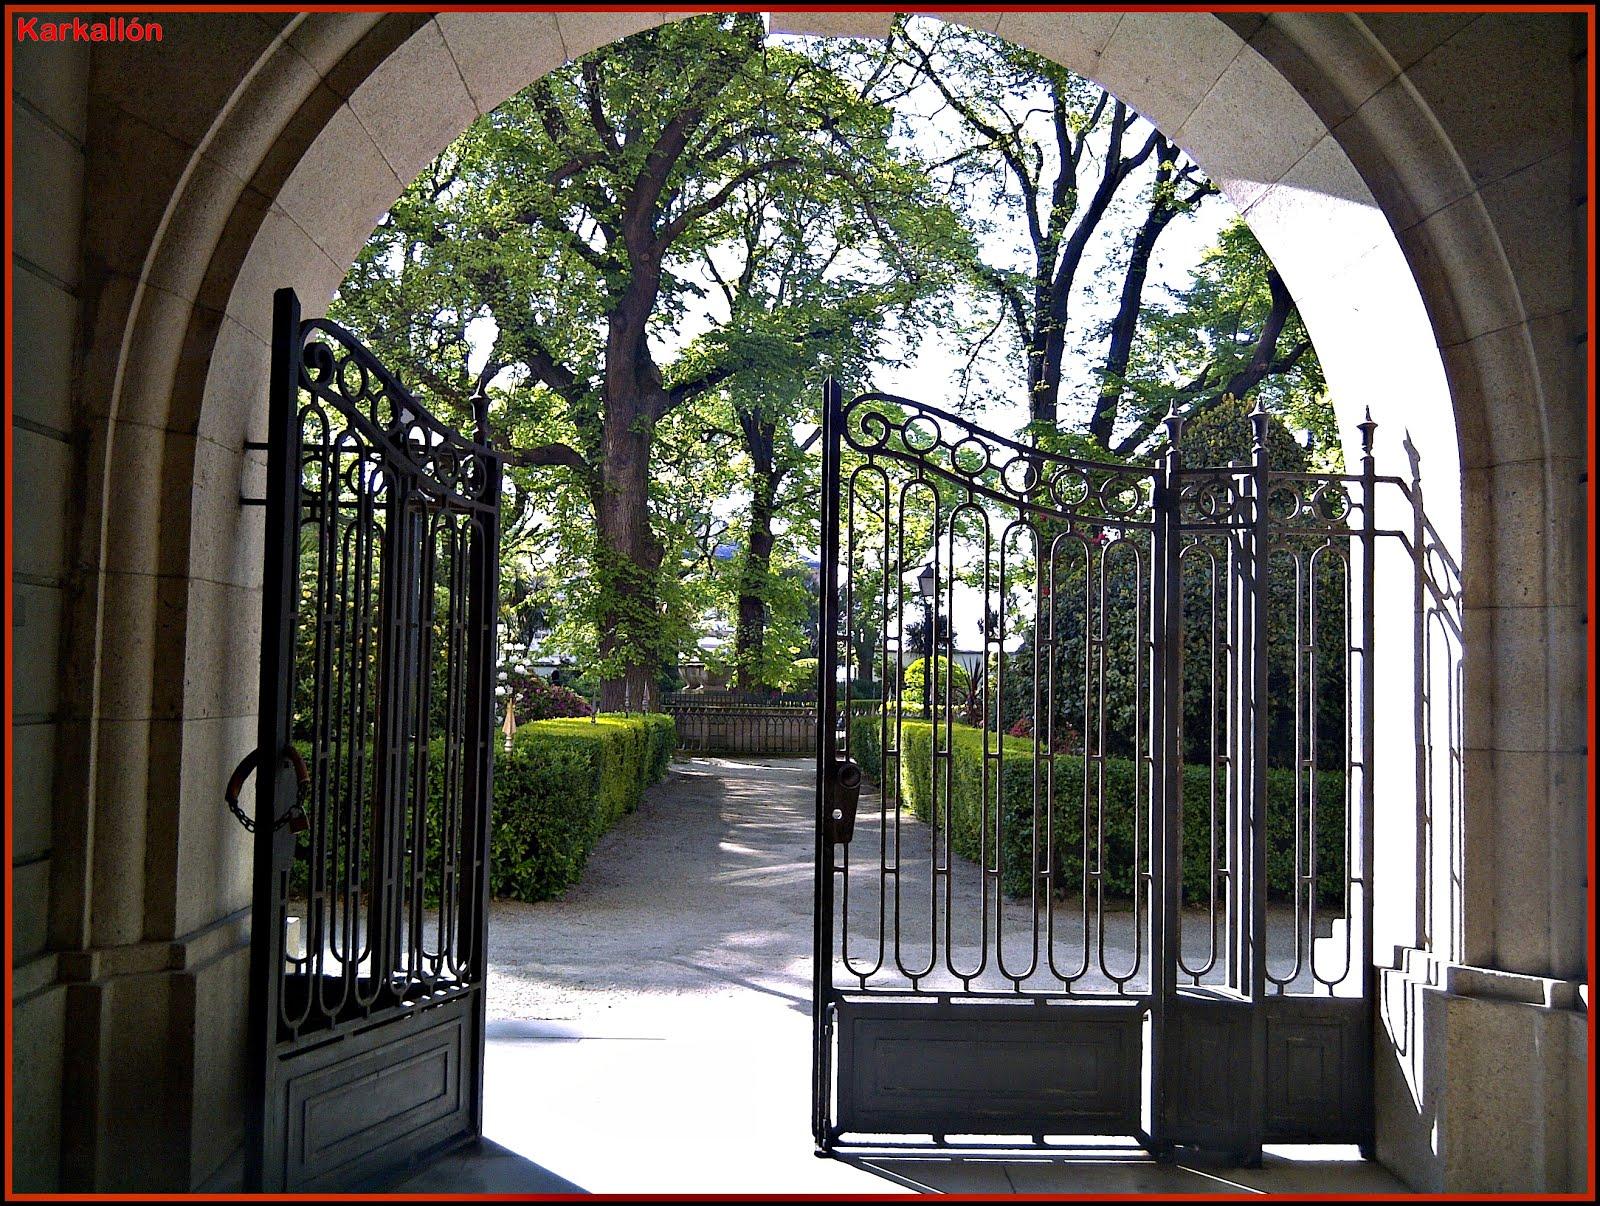 El blog de karkall n jard n de san carlos el fantasma de for Jardin 81 san carlos